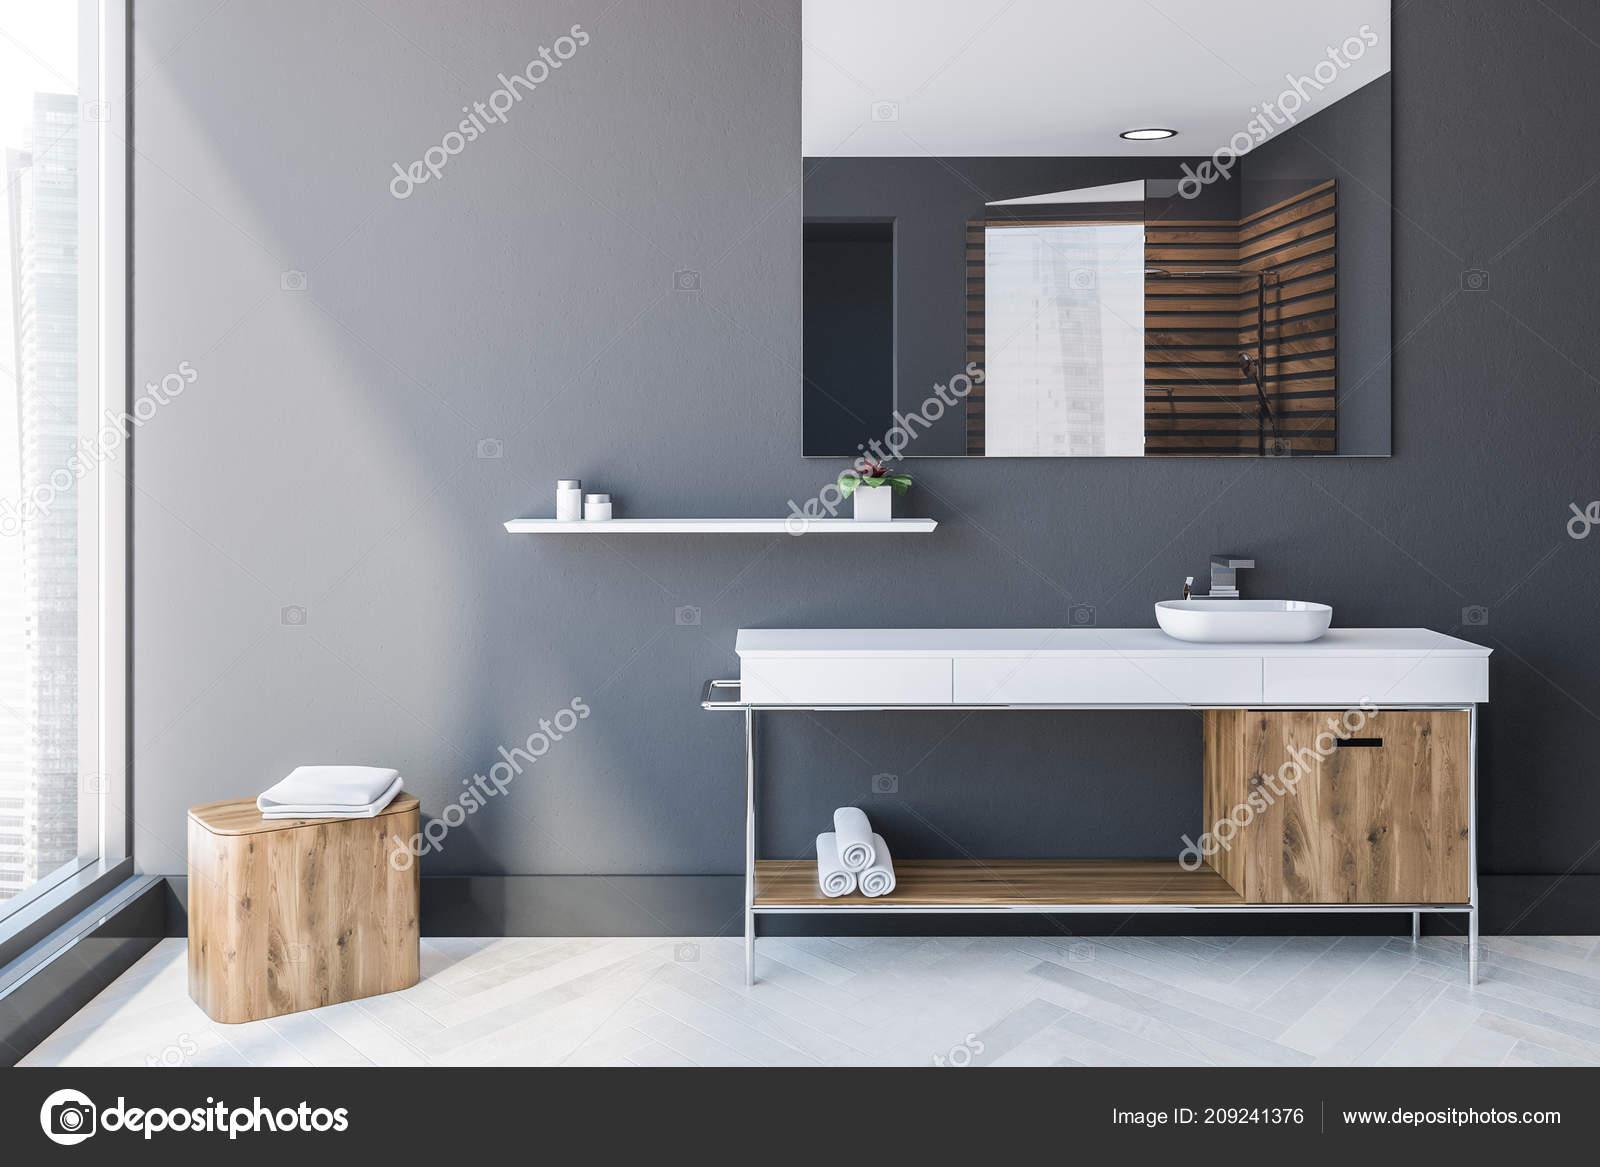 Skandinavischen Stil Badezimmer Interieur Mit Grauen Wänden Einem ...